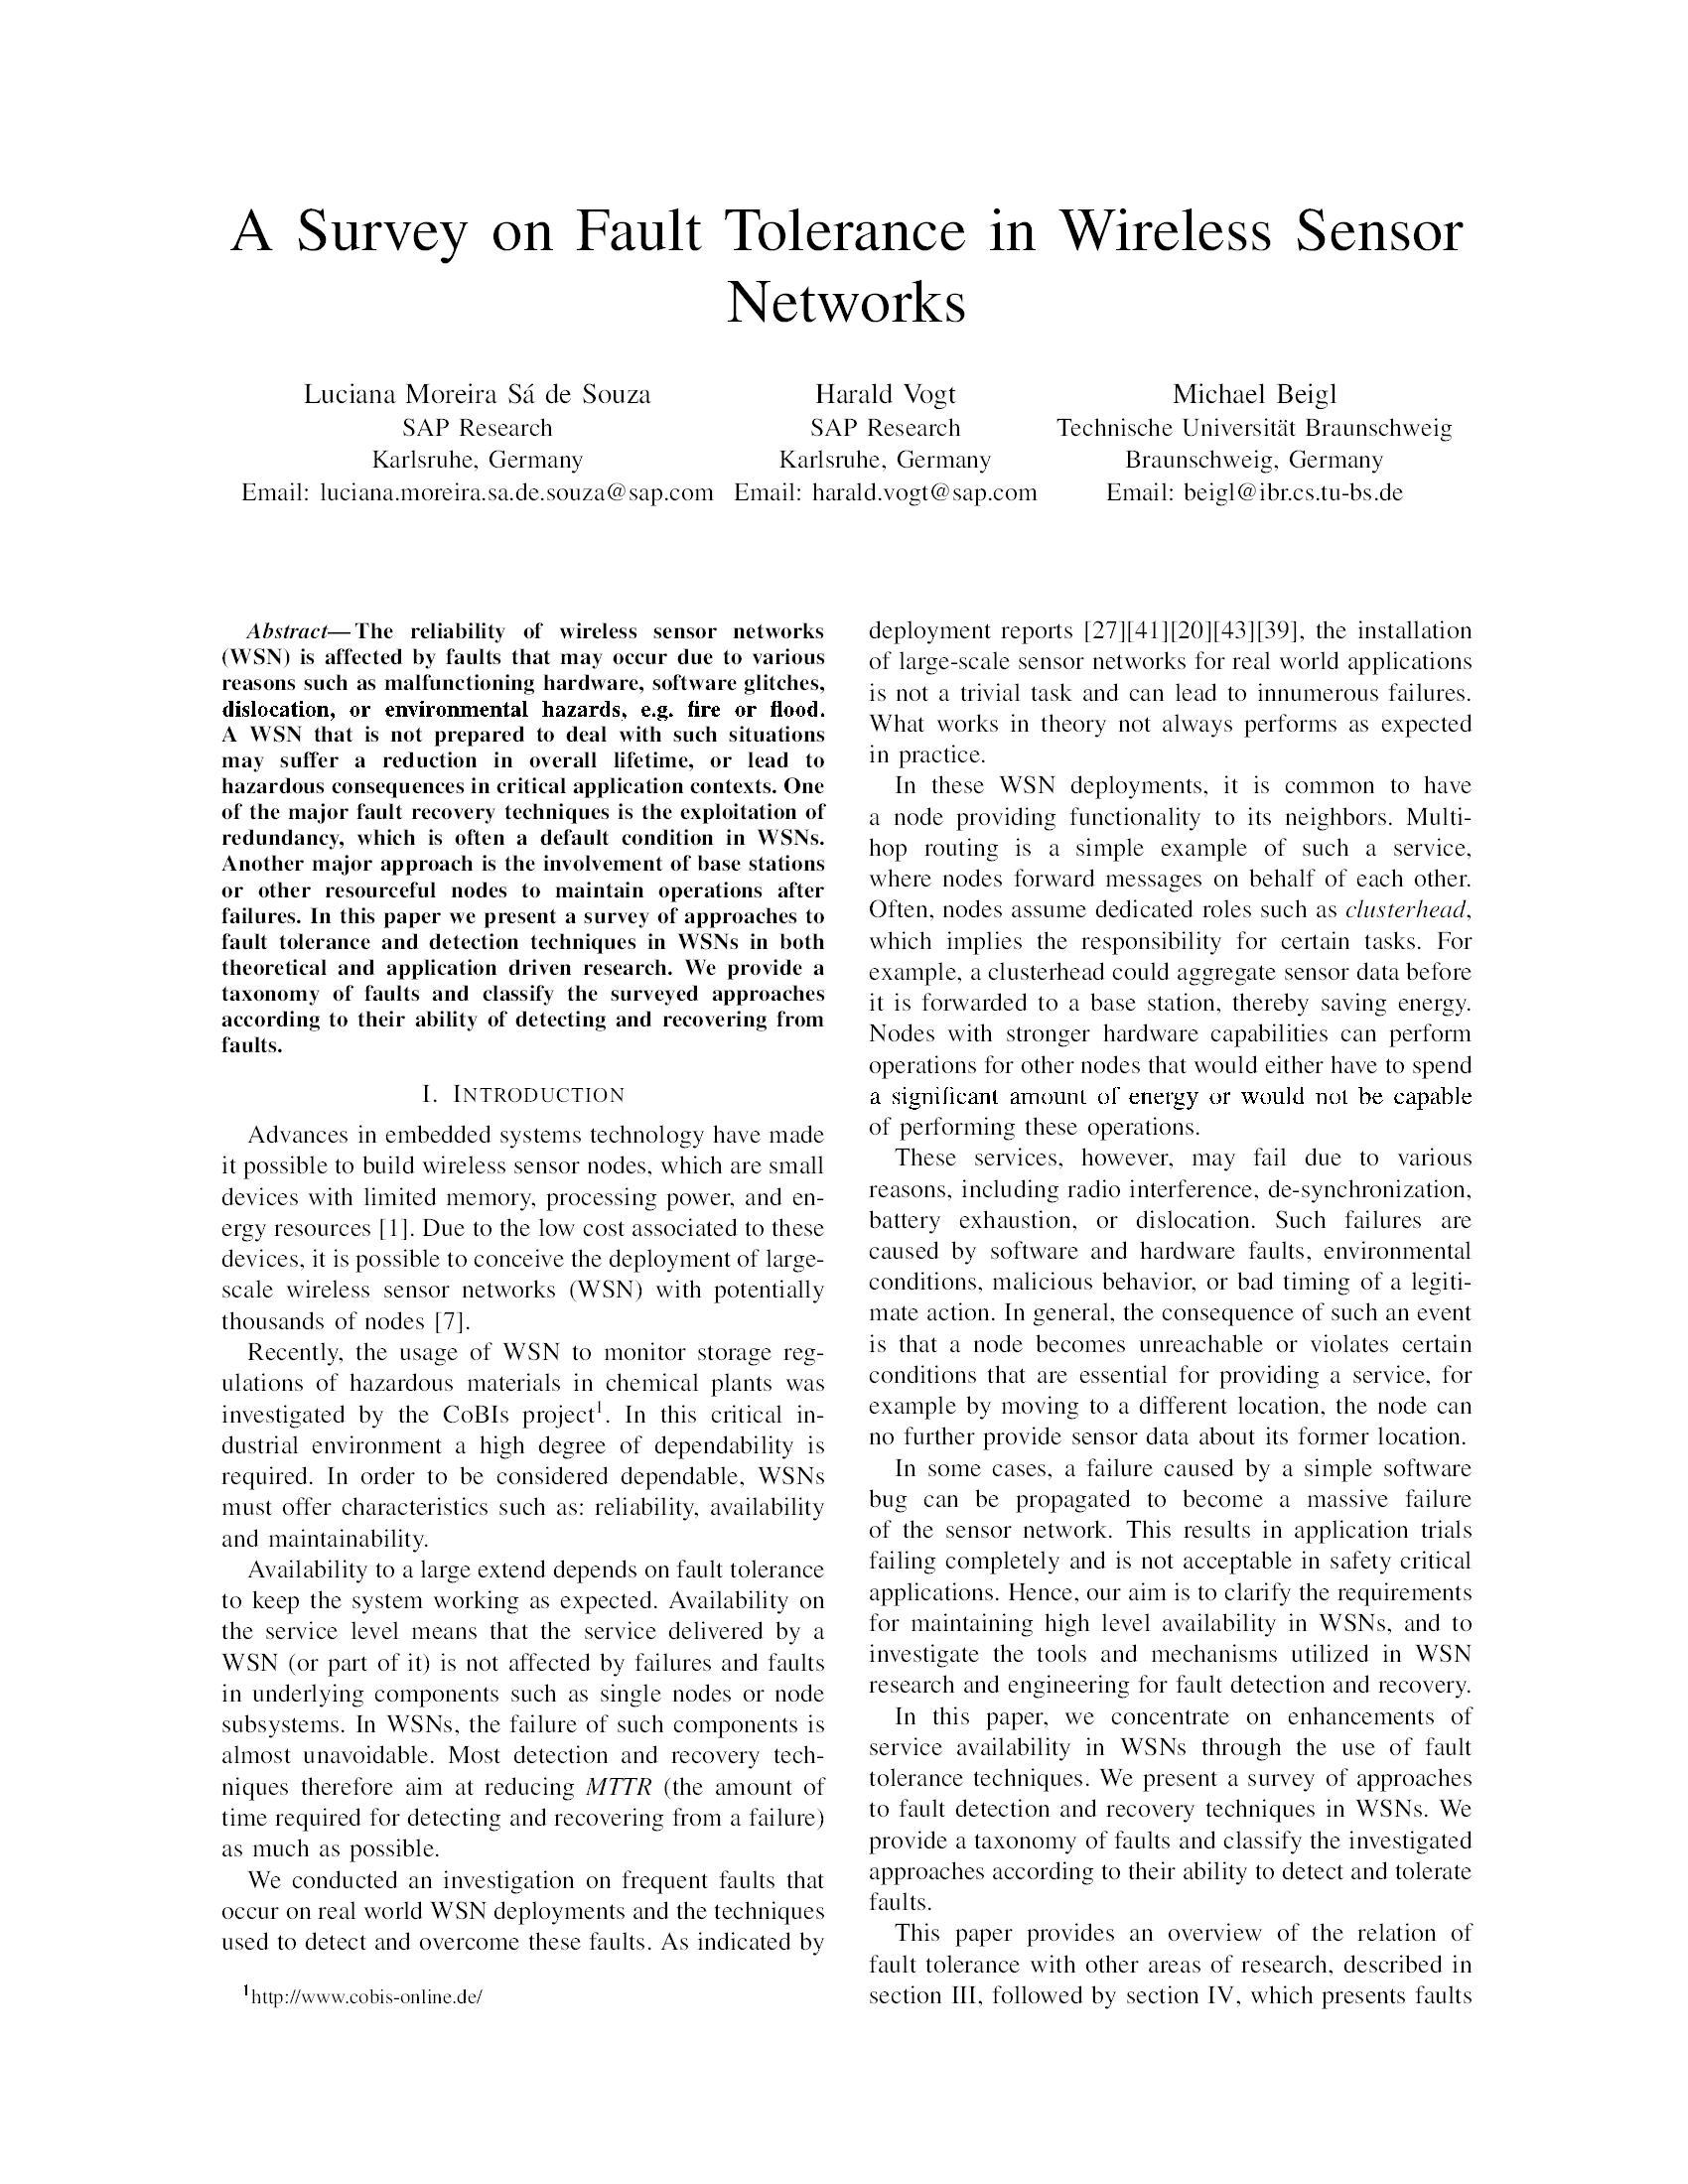 A Survey on Fault Tolerance in Wireless Sensor Networks11